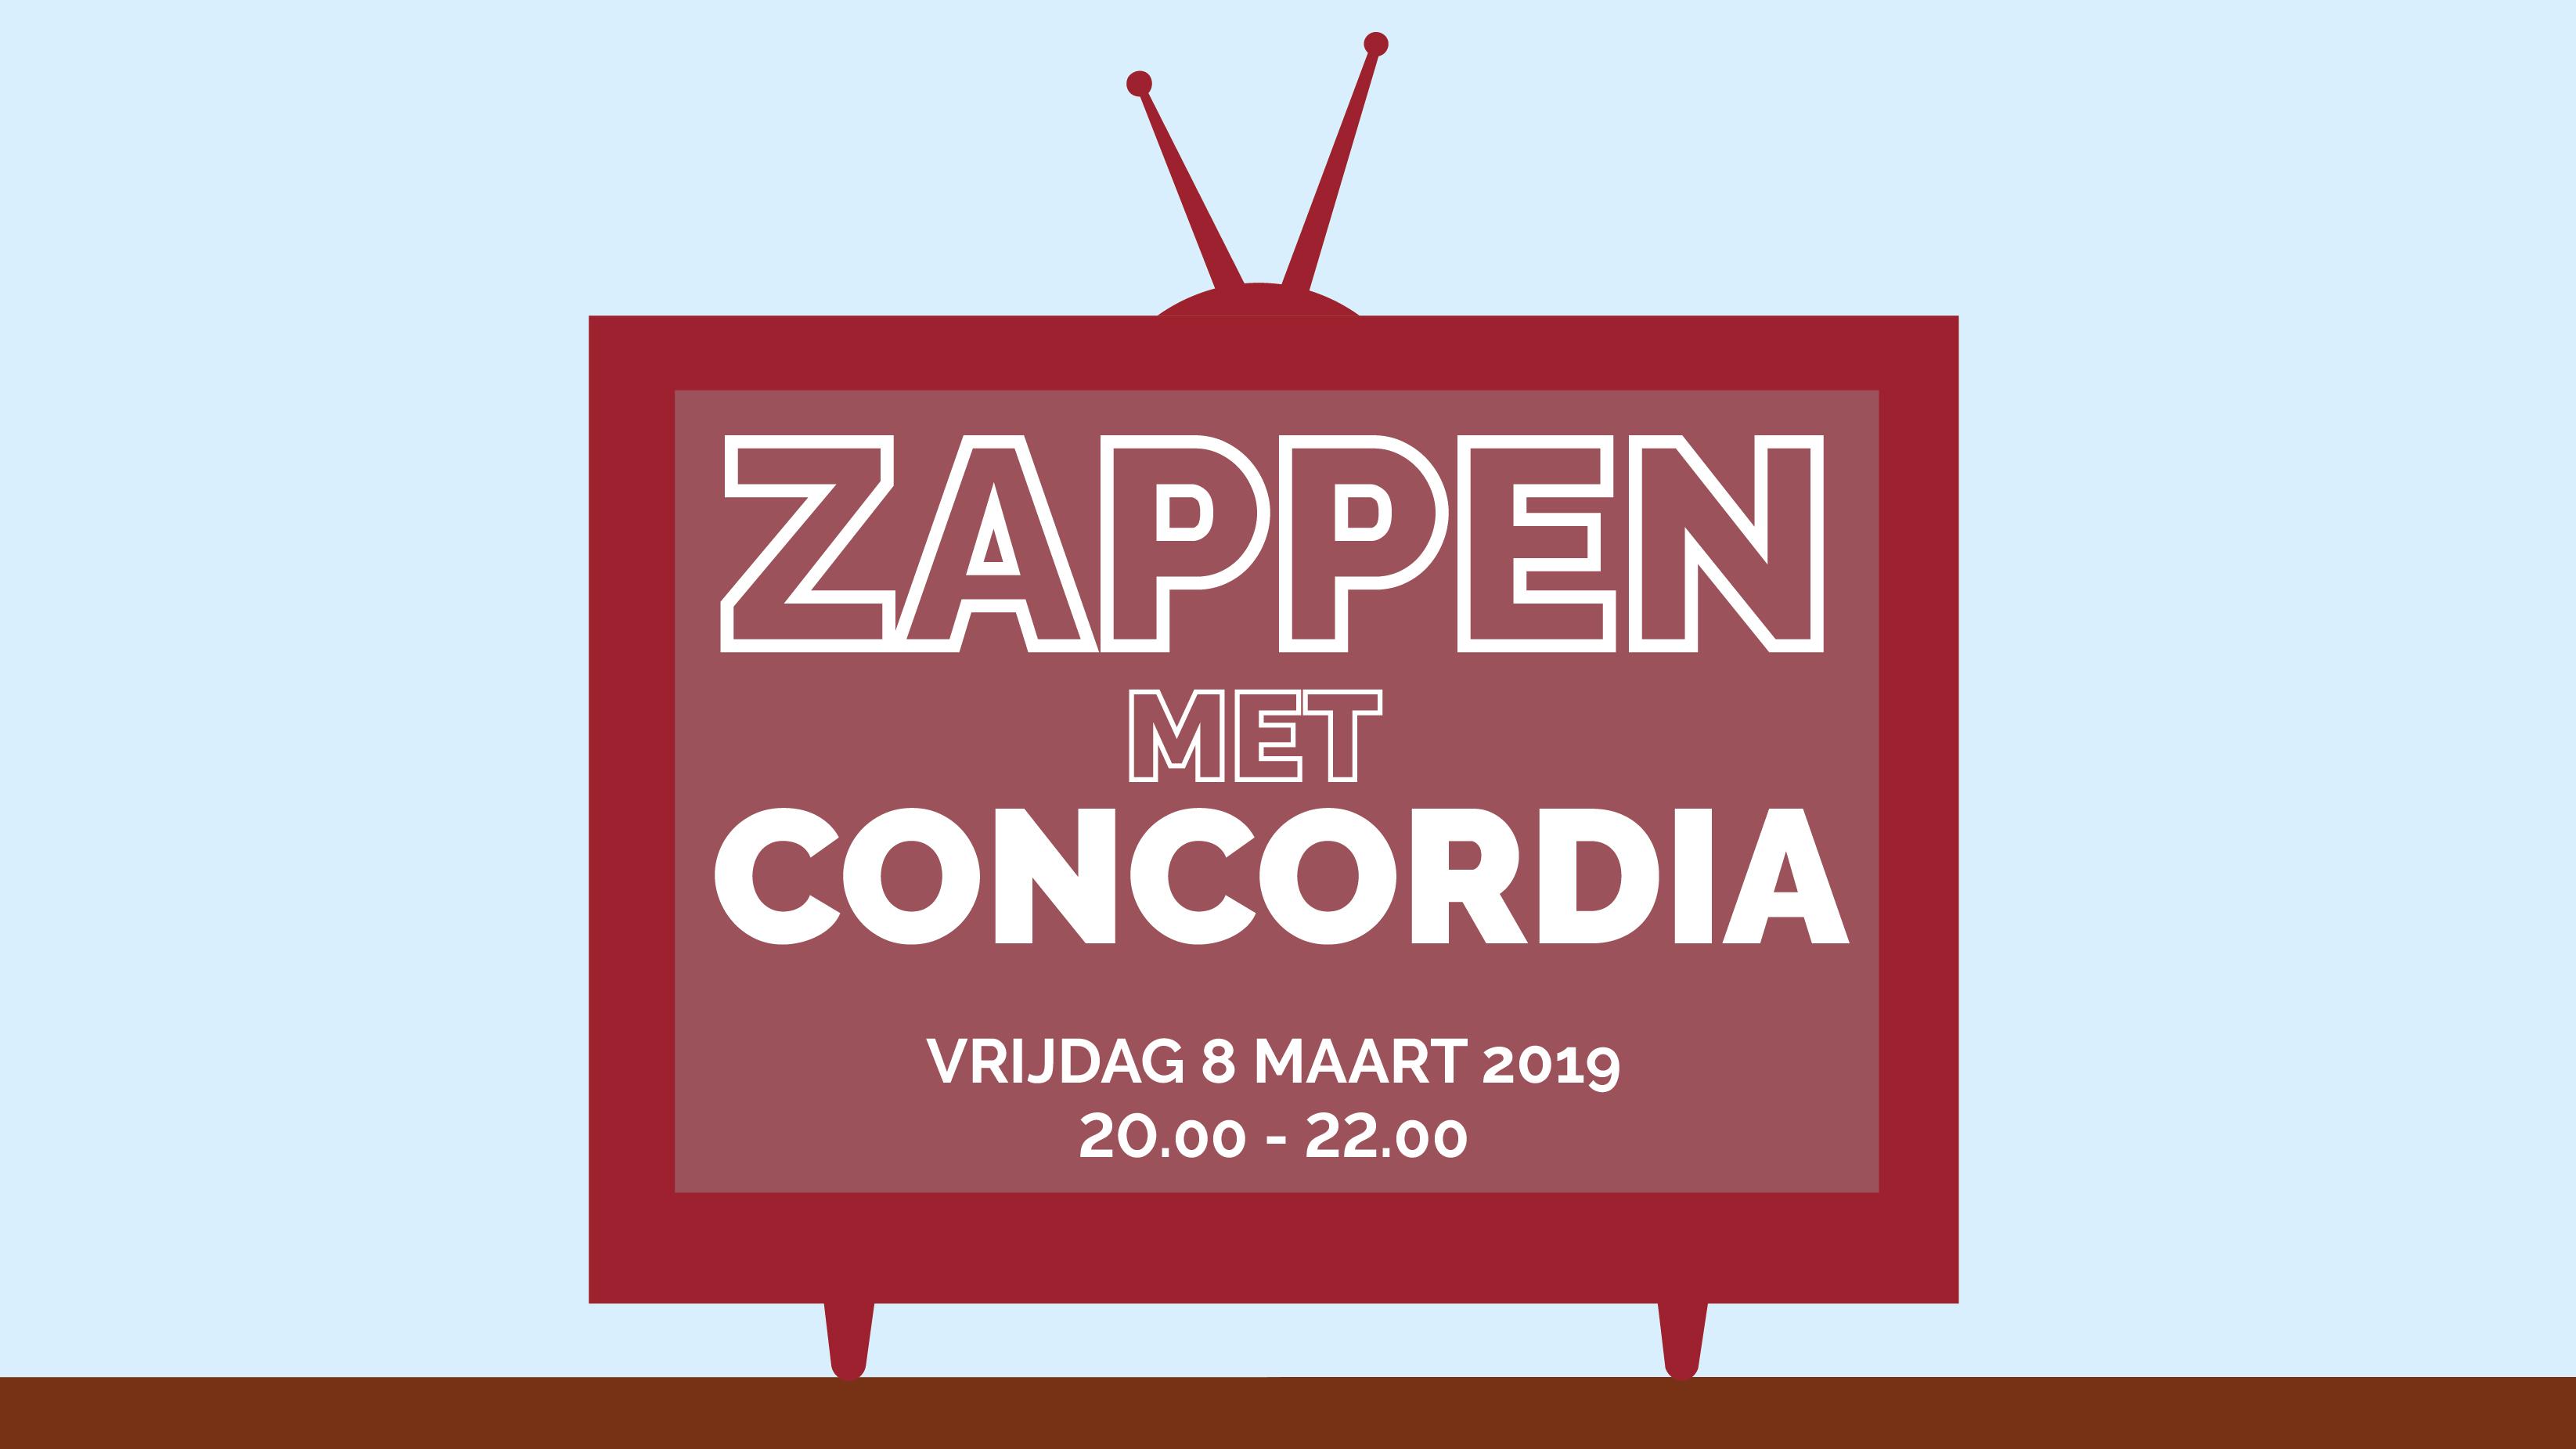 Zappen met Concordia